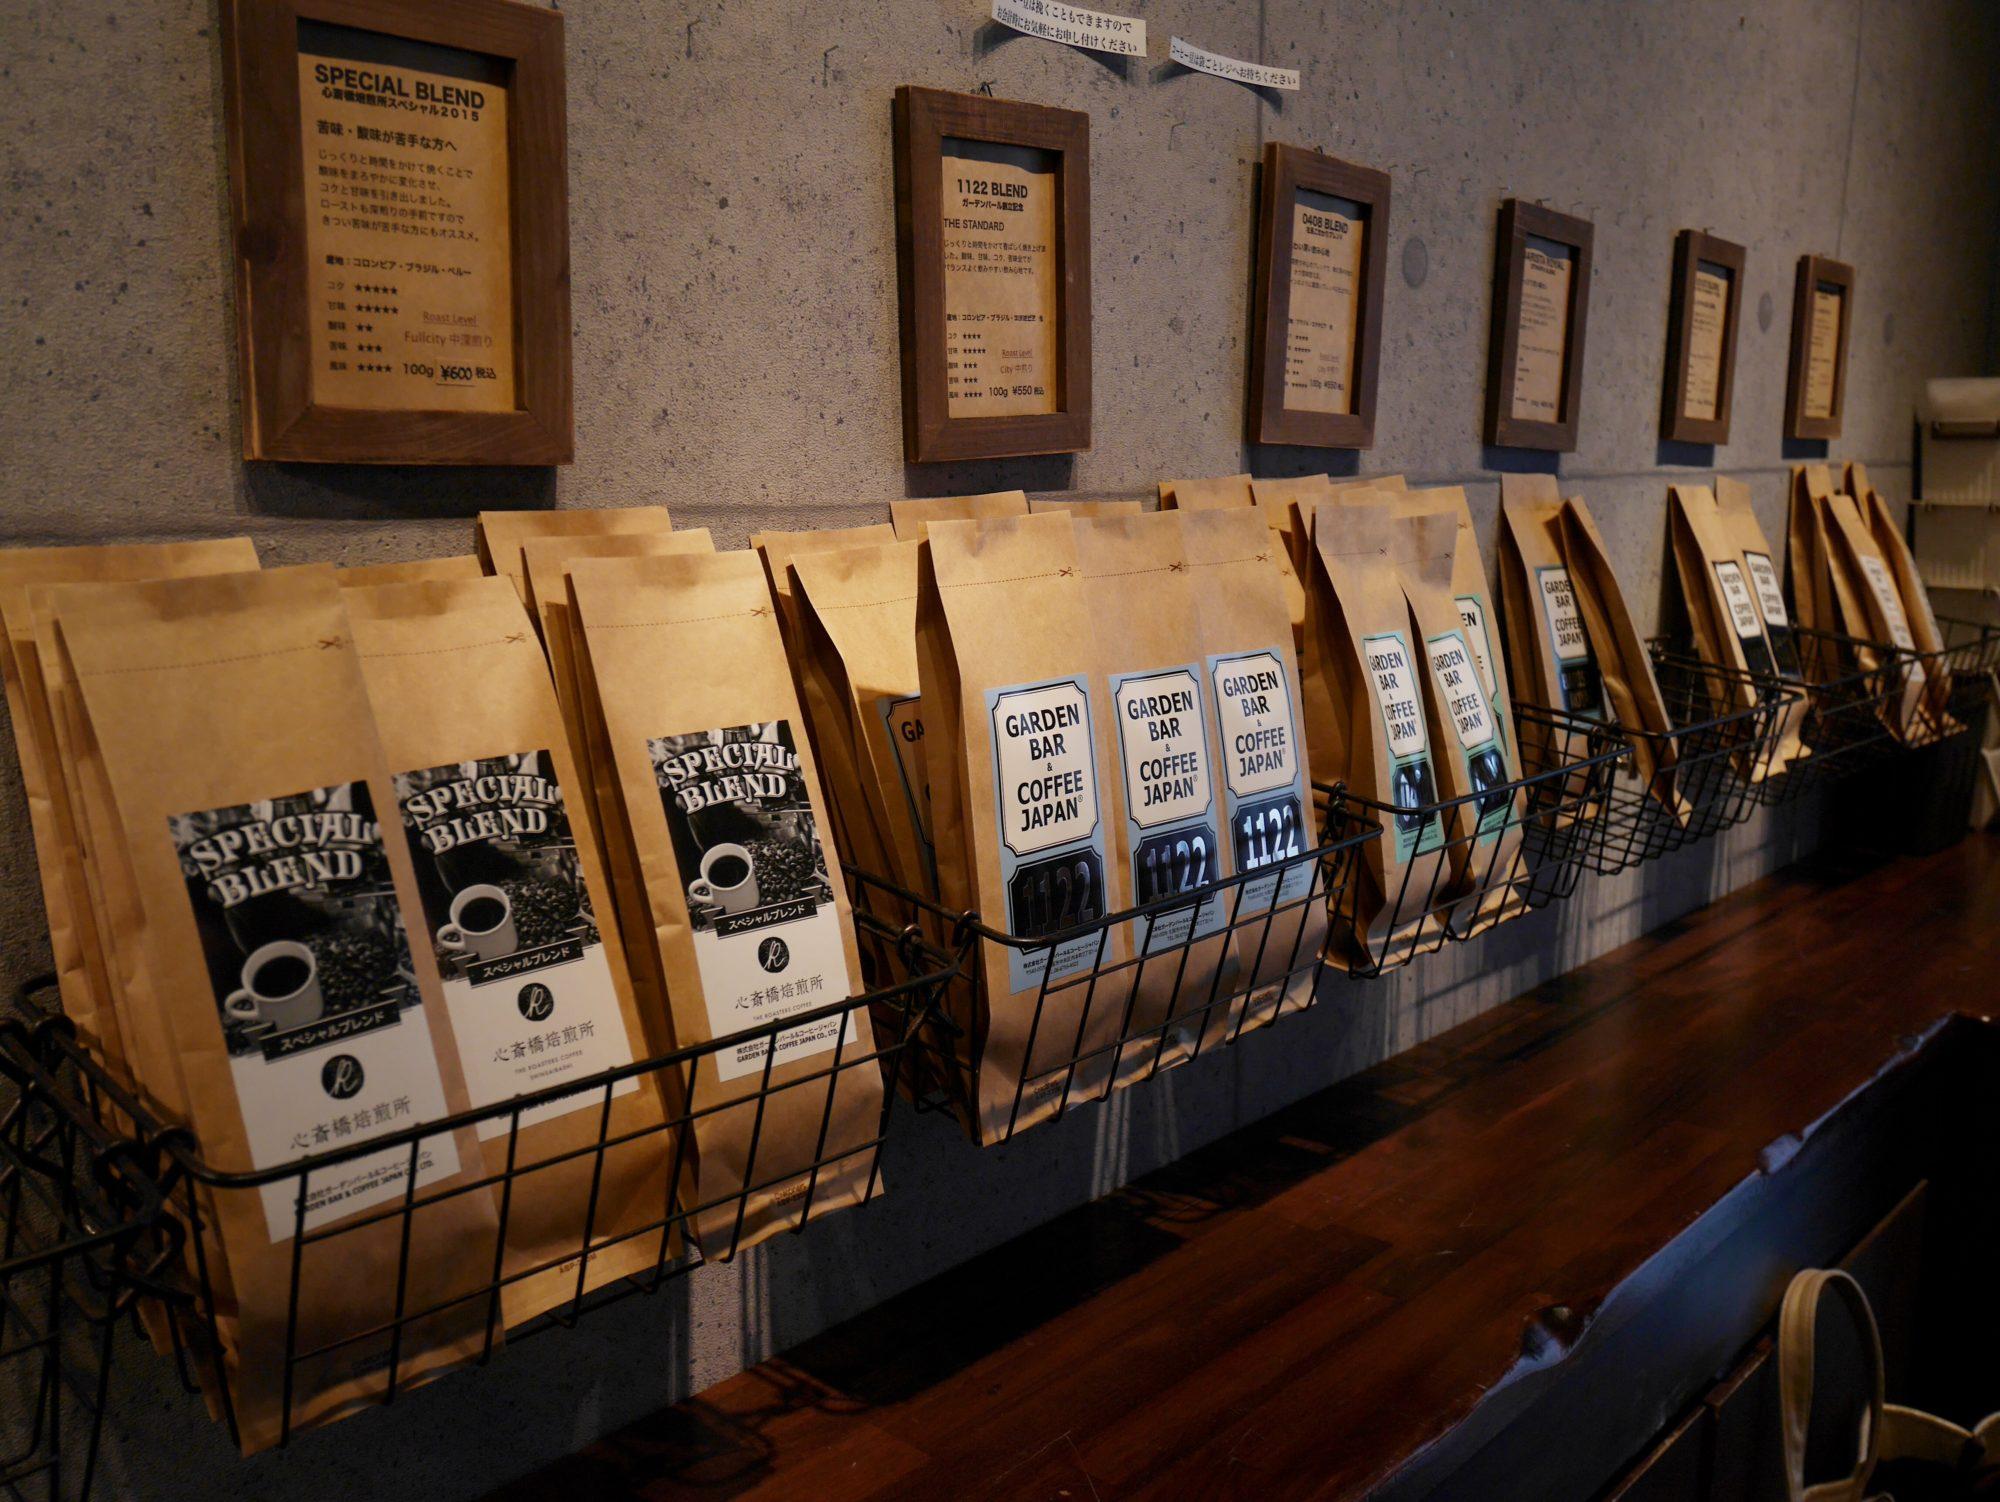 コーヒー好きがふたたび立ち寄りたくなるお店「心斎橋焙煎所」@大阪